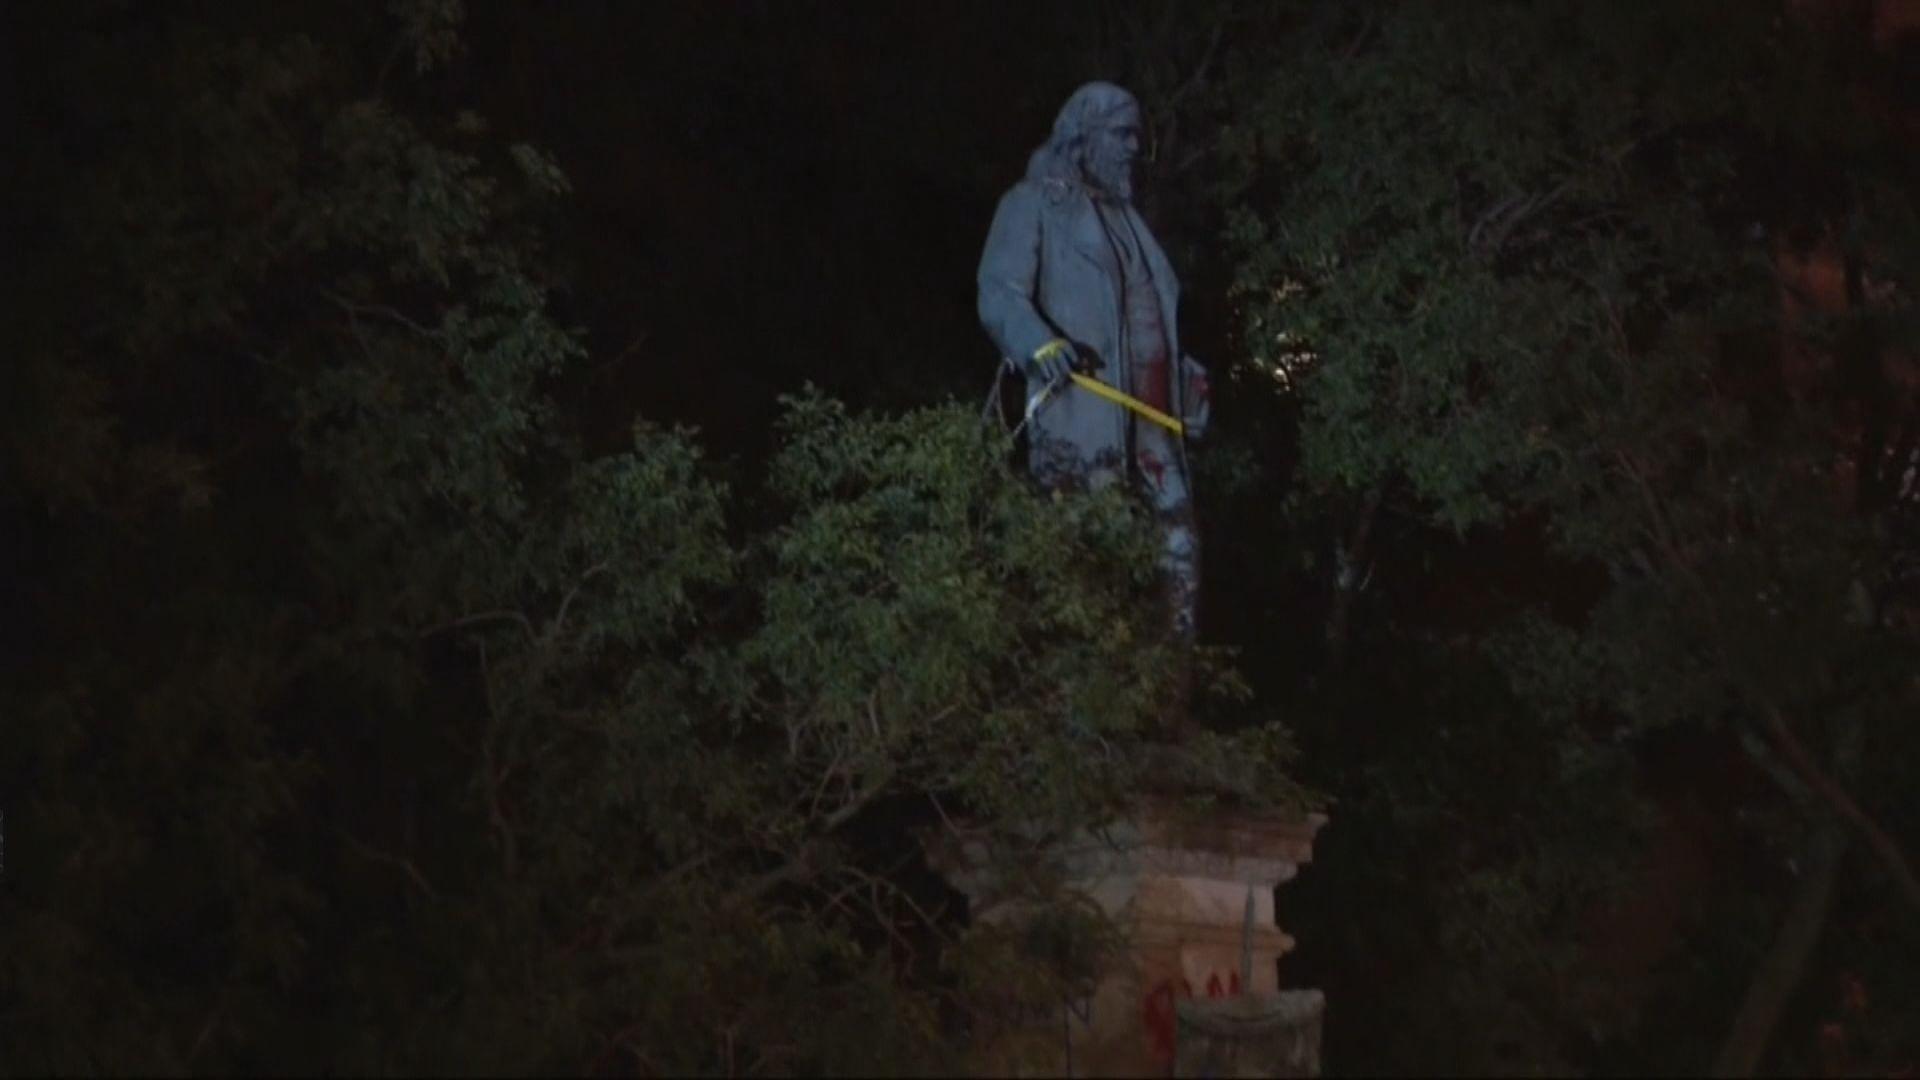 美國反種族歧視示威者拉倒聯盟國將軍銅像